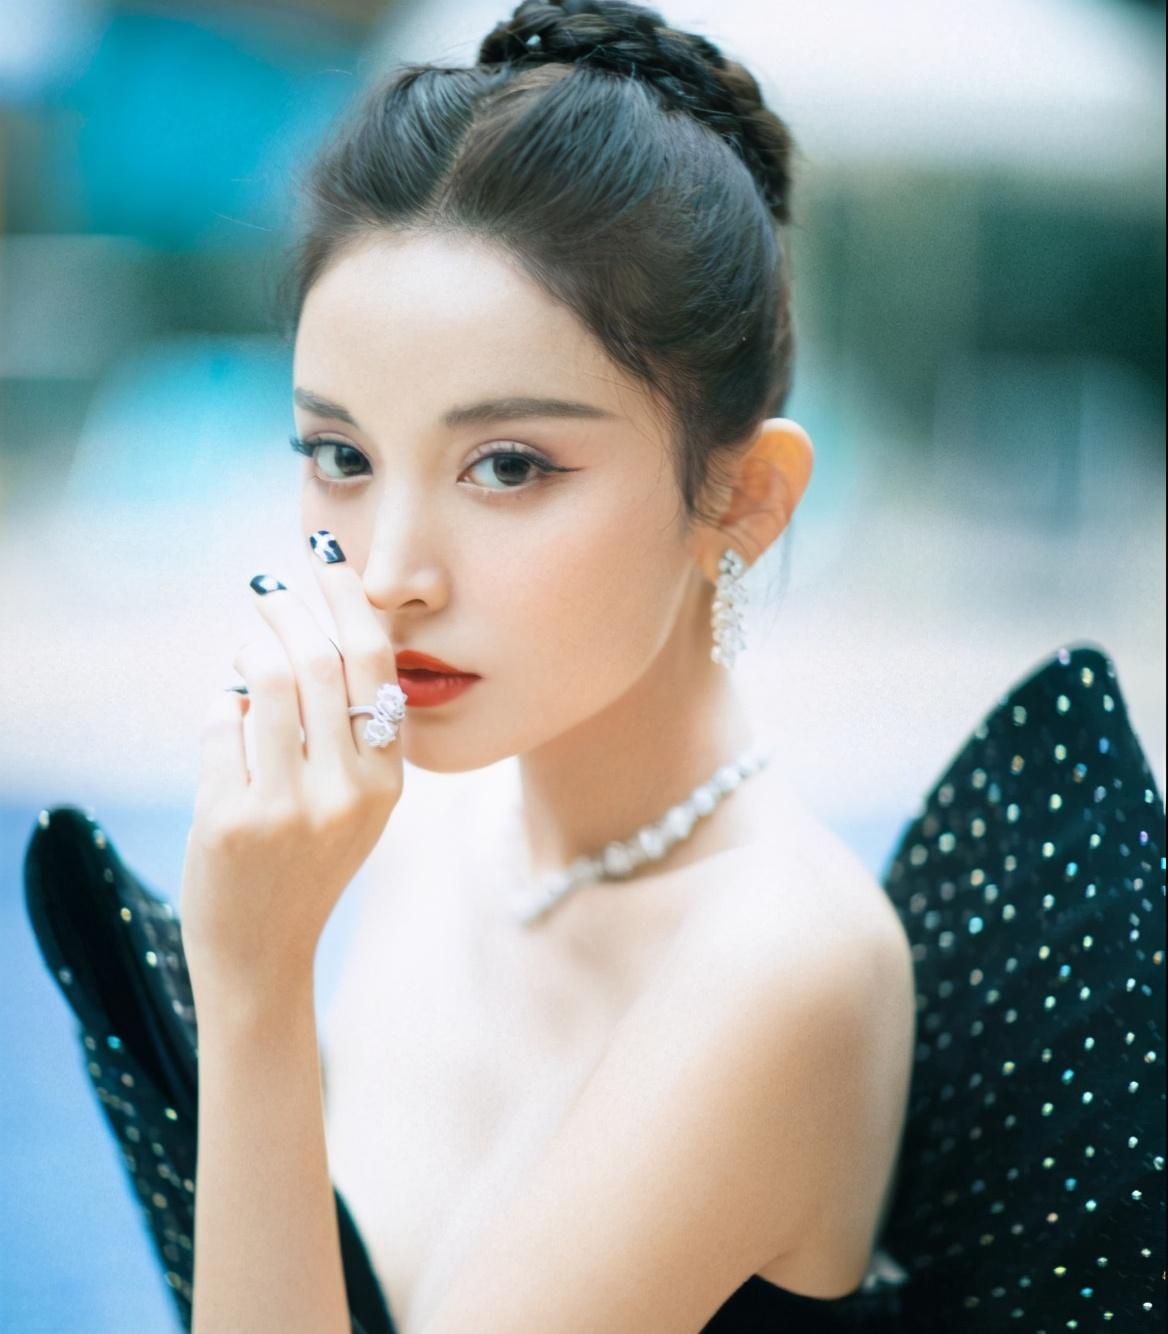 亚太最帅最美面孔:肖战蝉联冠军,蔡徐坤进前三,赵丽颖仅排第六